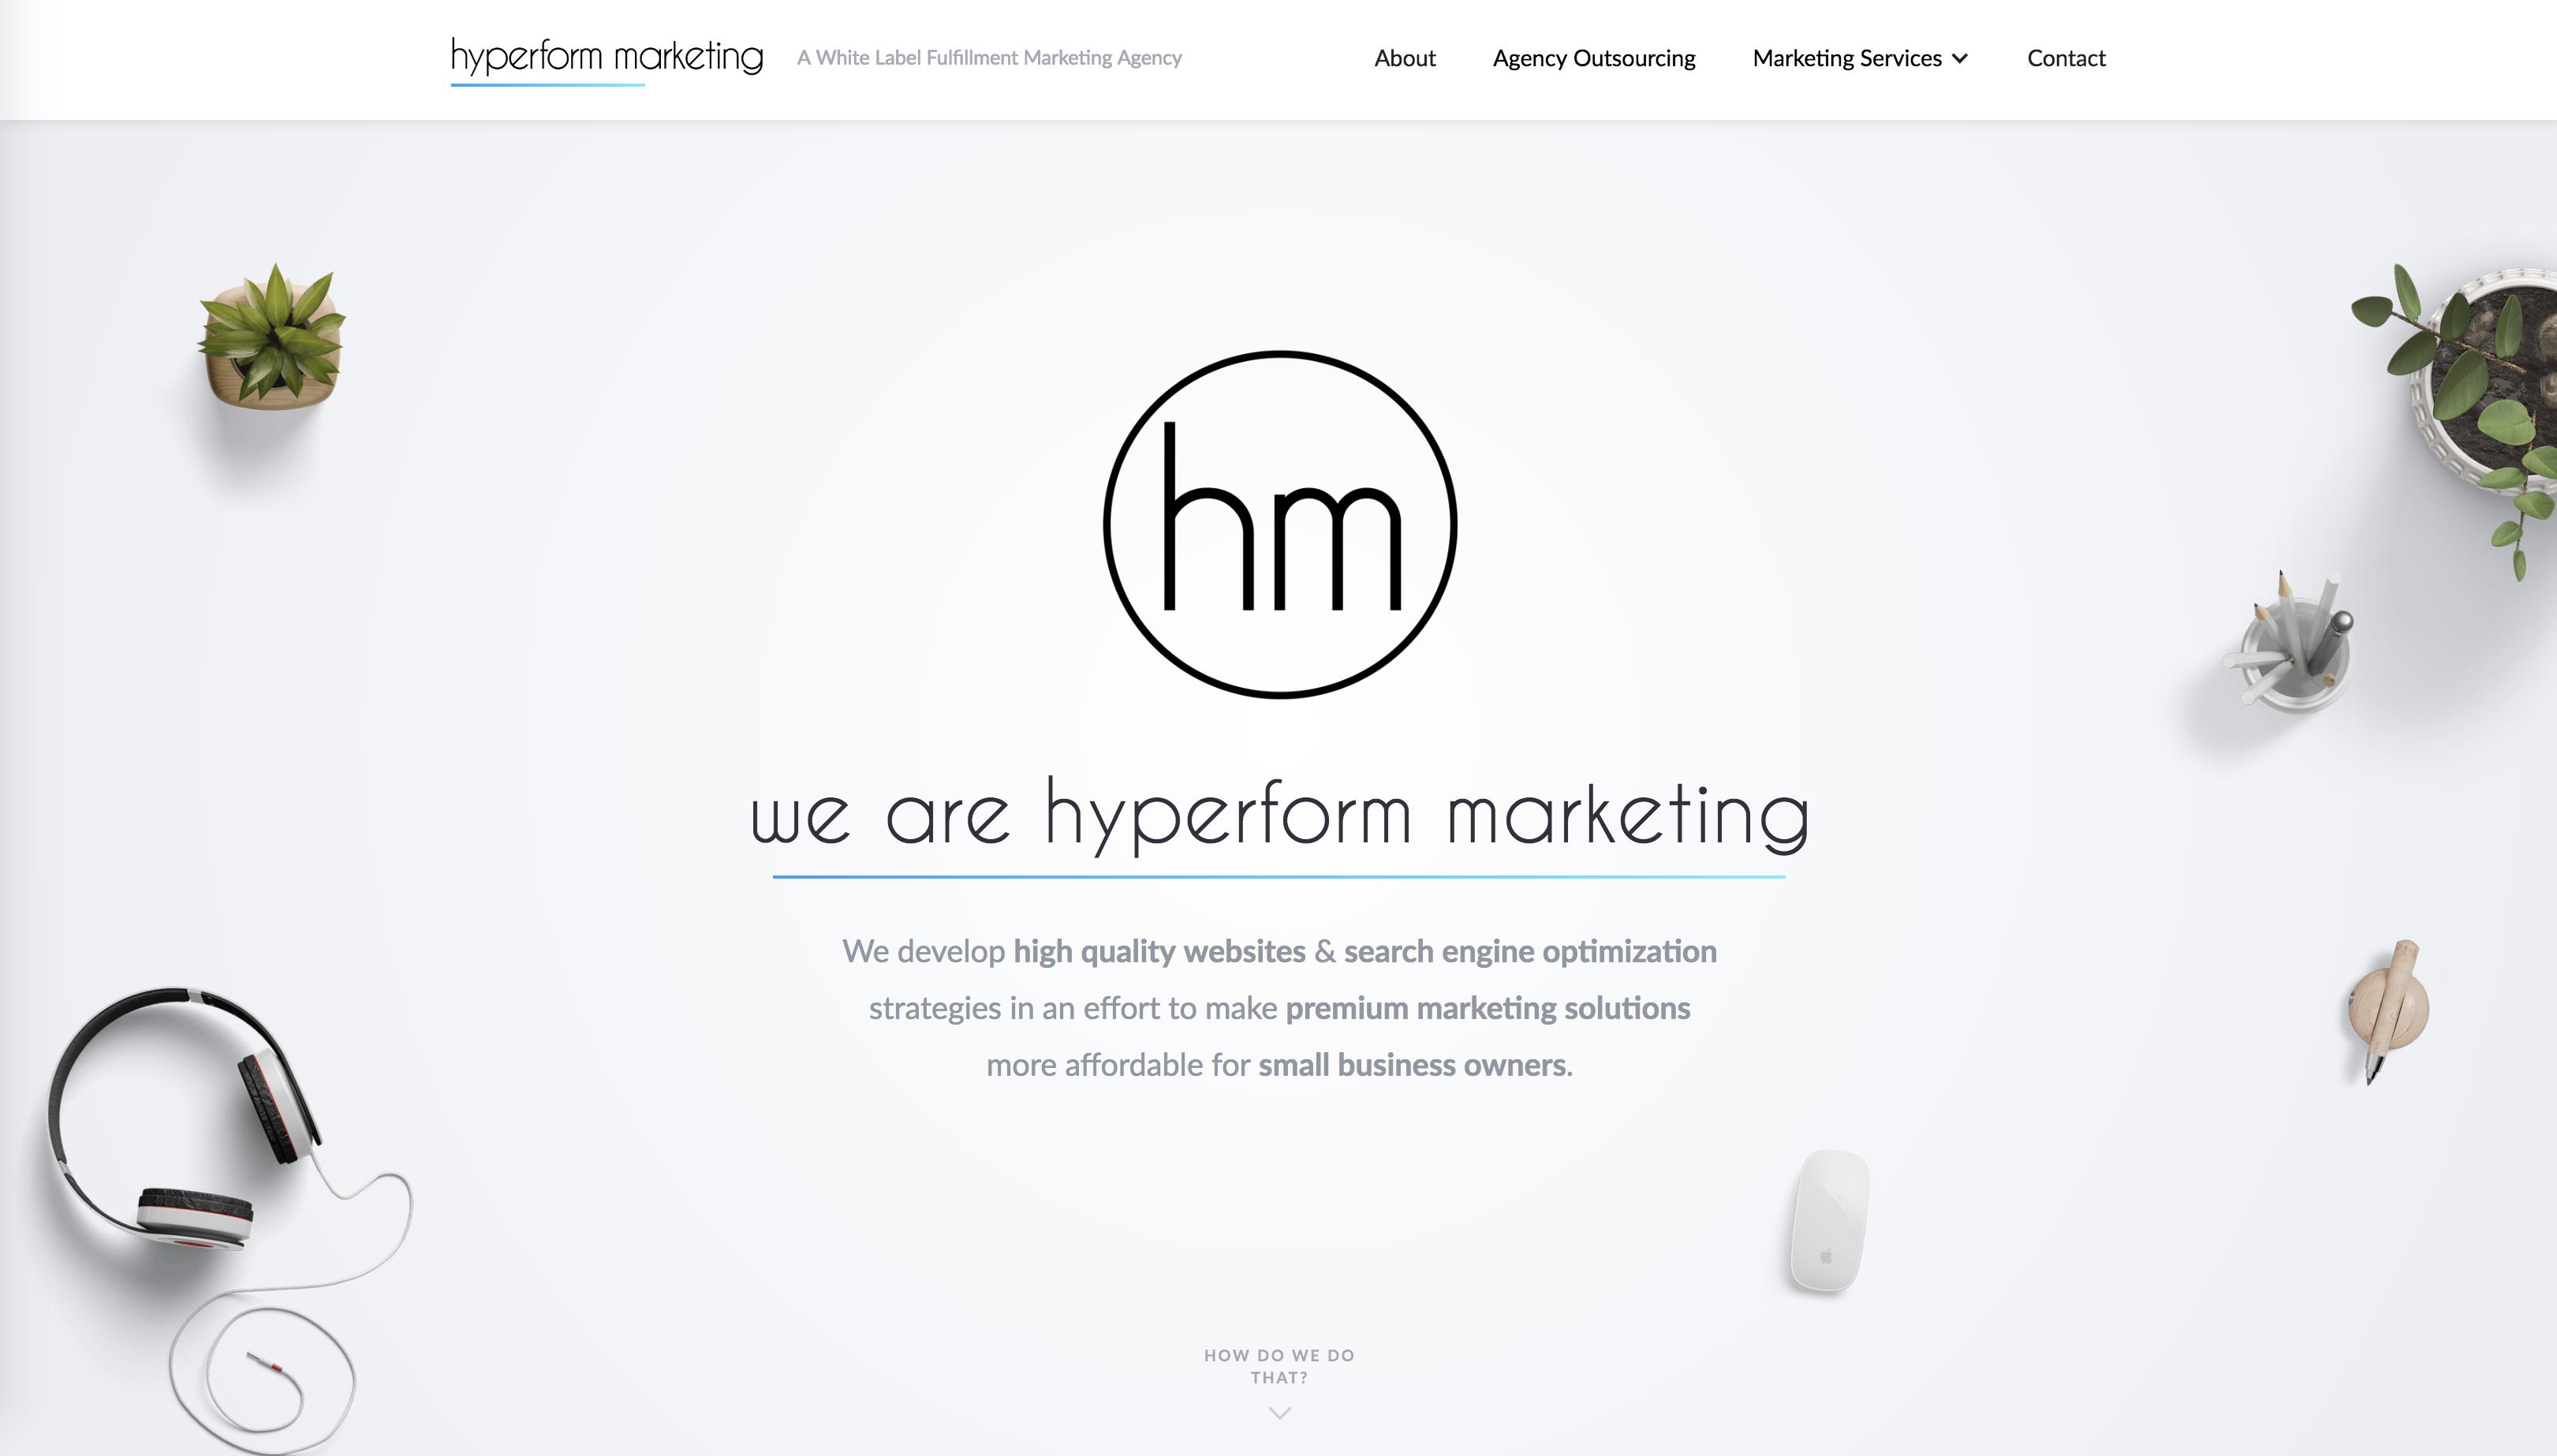 Hyperform Marketing | White Label Marketing Agency